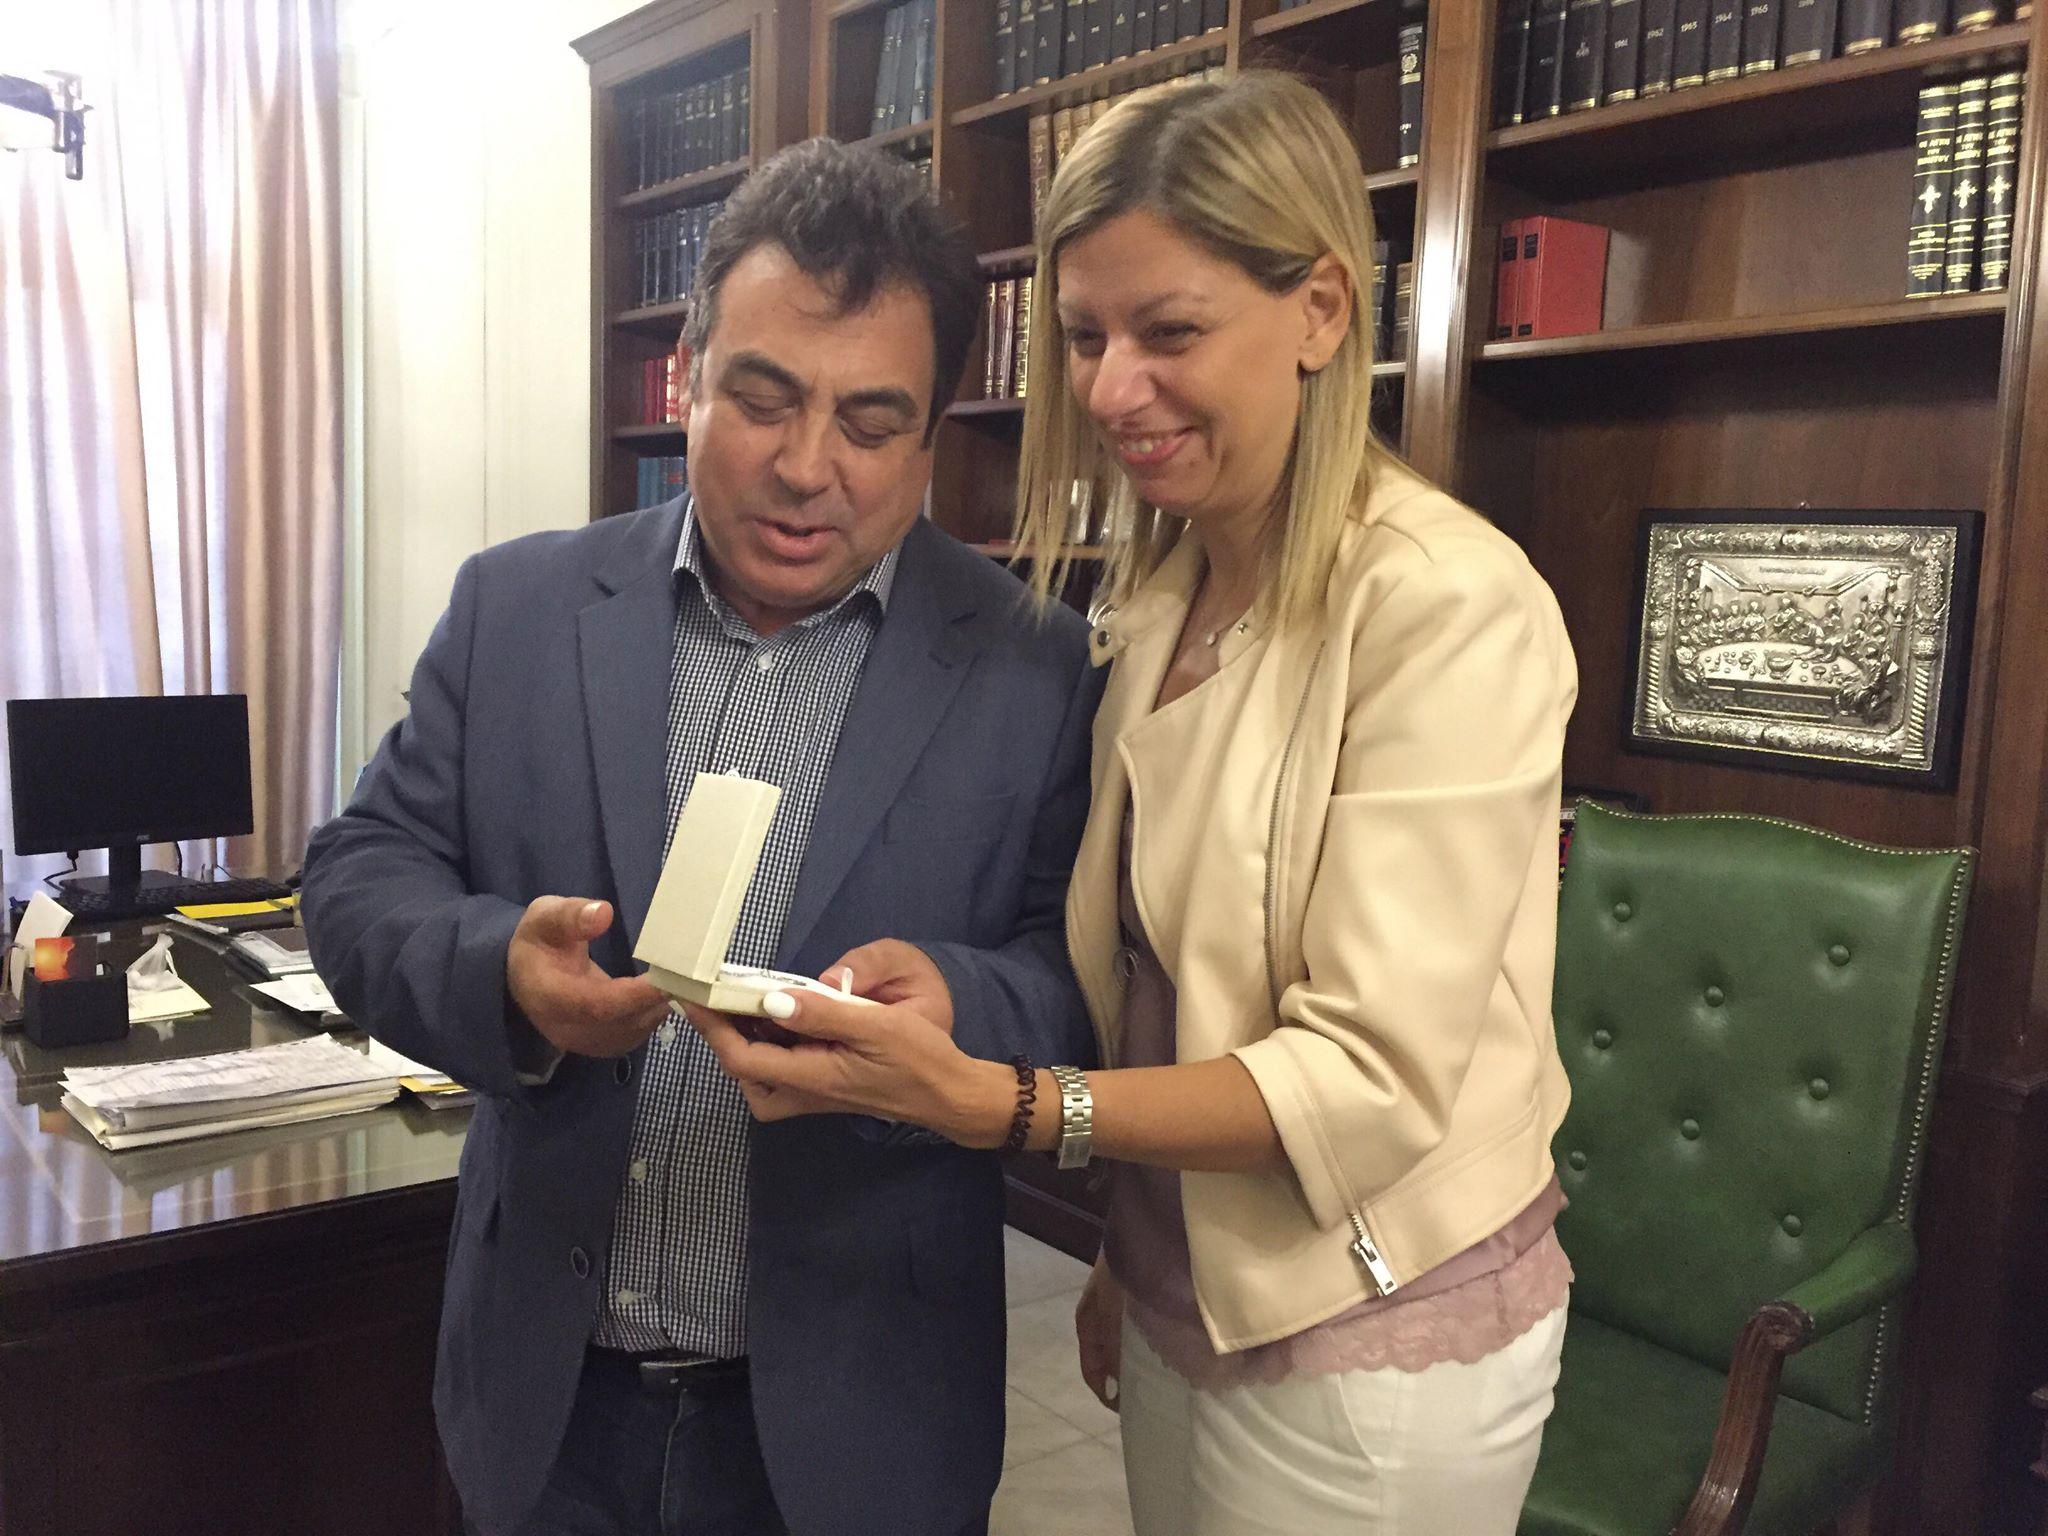 Αντωνακόπουλος- Παπαστεργίου: Πύργος και Τρίκαλα σε στενή επαφή ( photoς-ΒΙΝΤΕΟ)